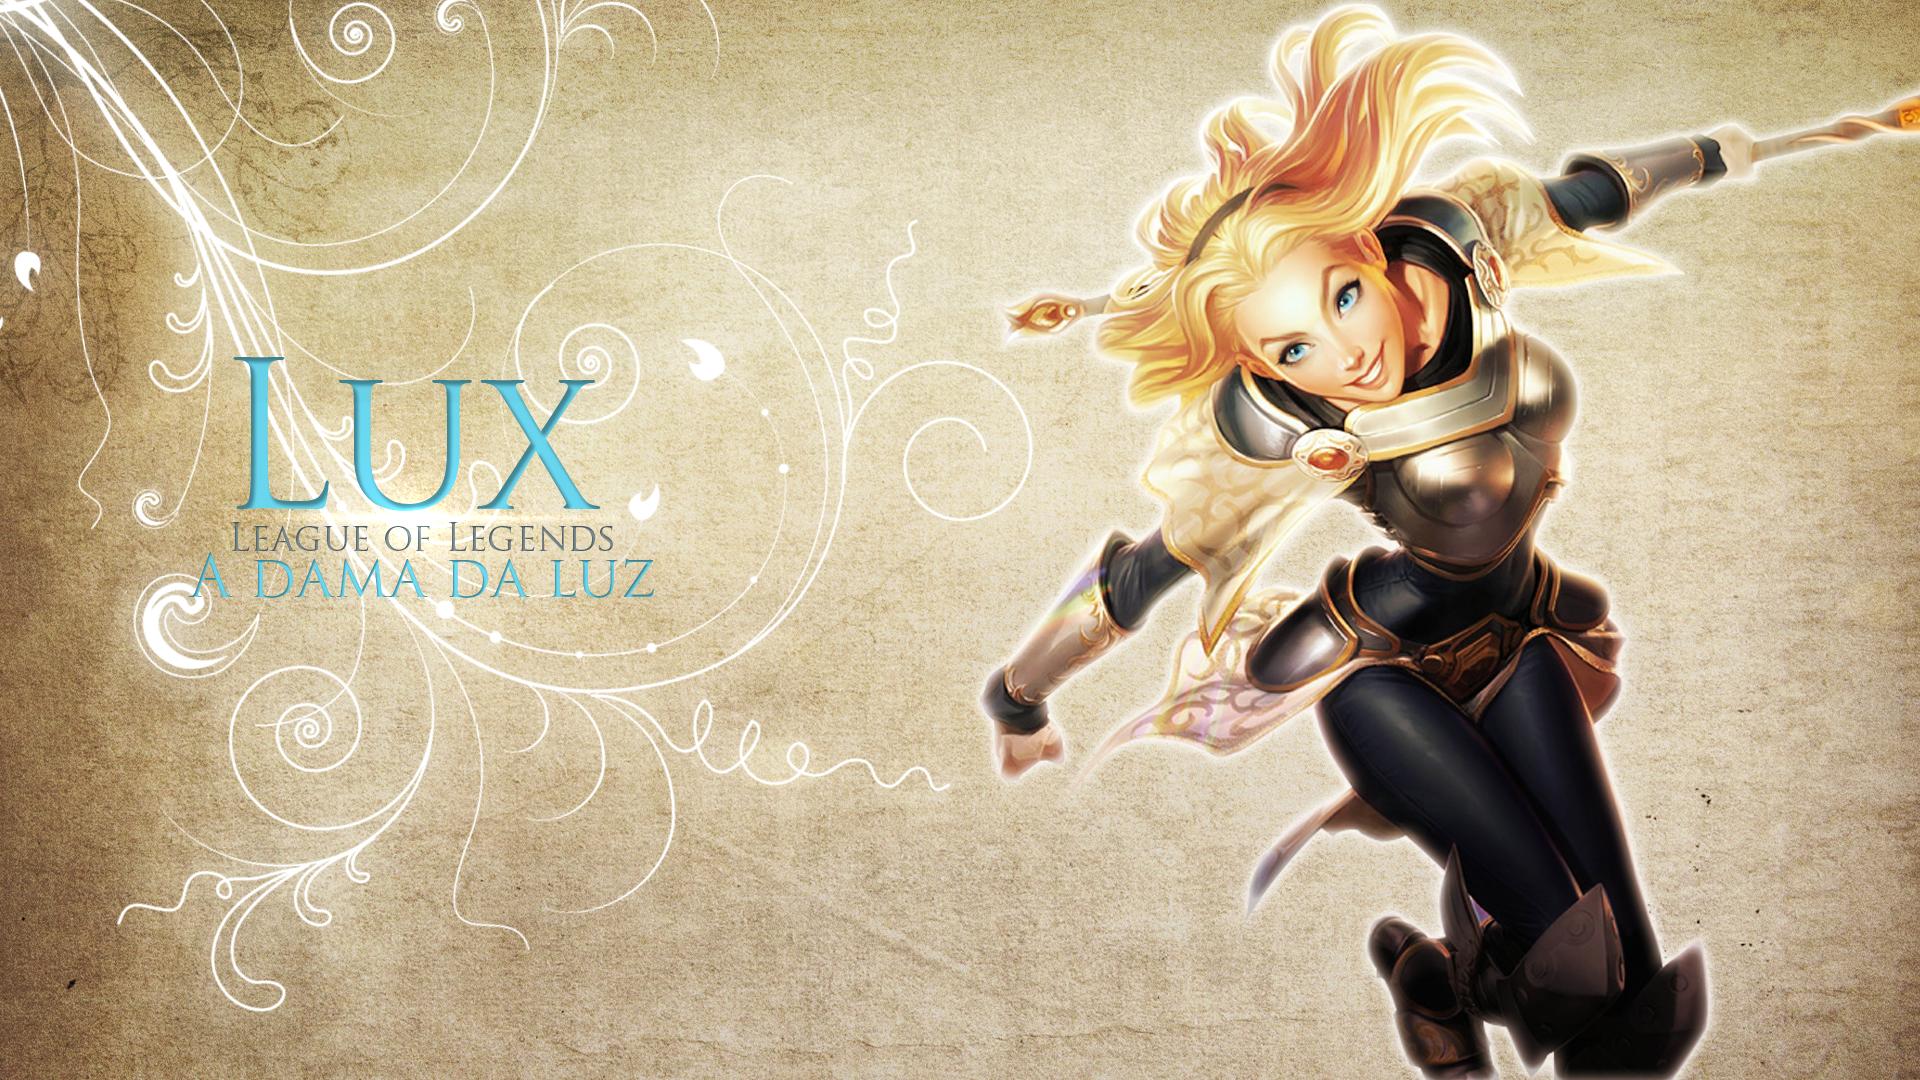 lux wallpaper hd